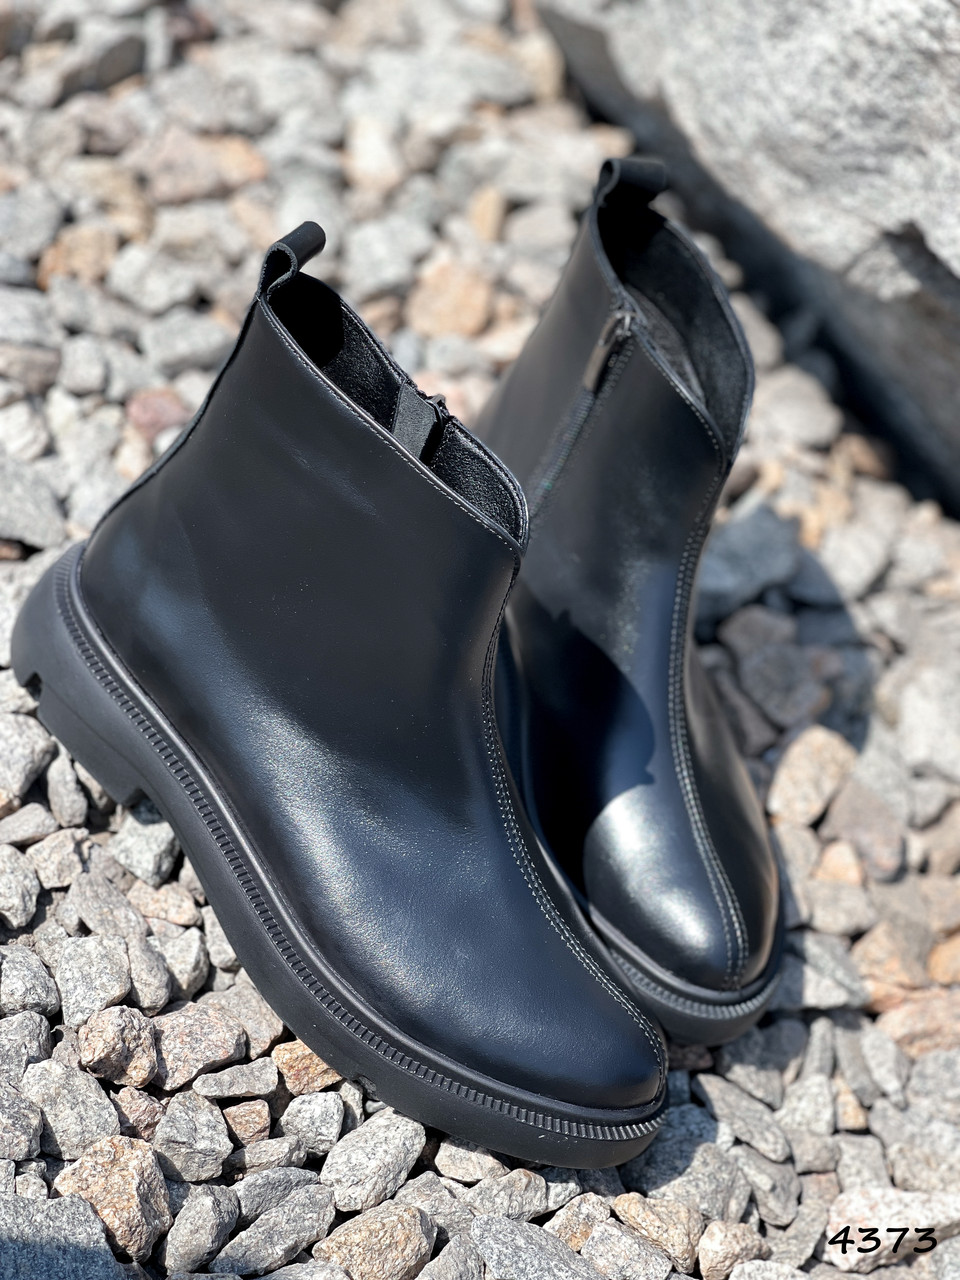 Ботинки женские Maribel черные 4373